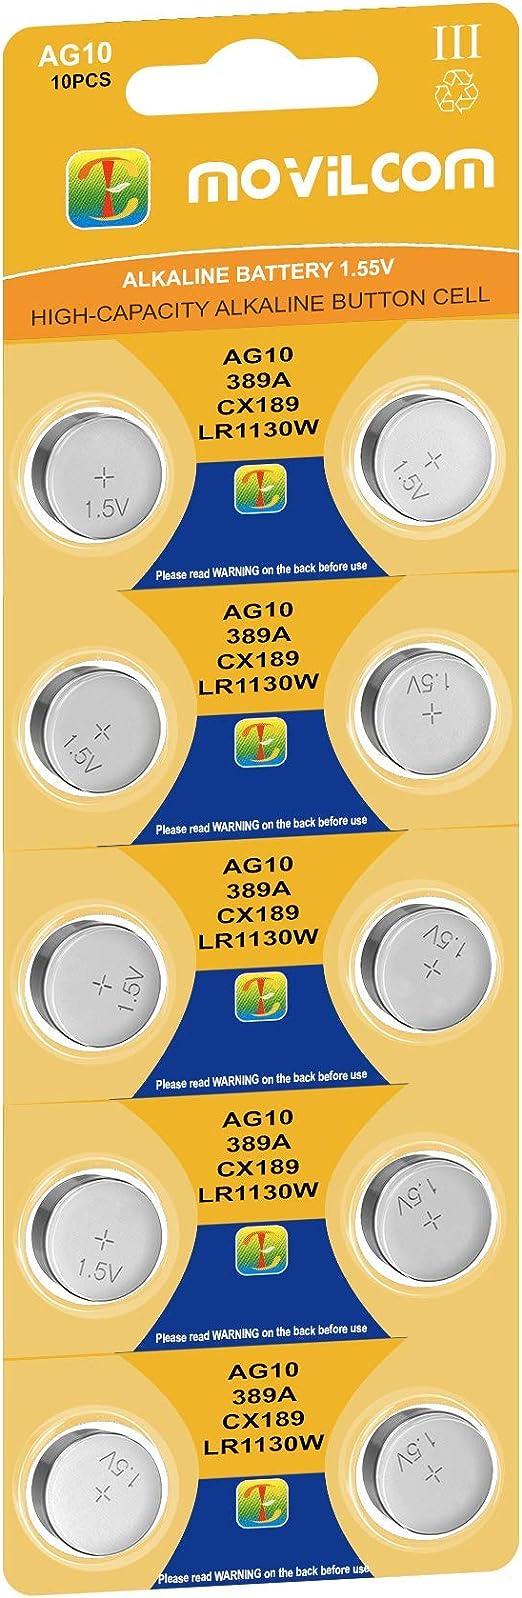 Movilcom Knopfzelle Ag10 Uhrenbatterien 1 5 V Elektronik